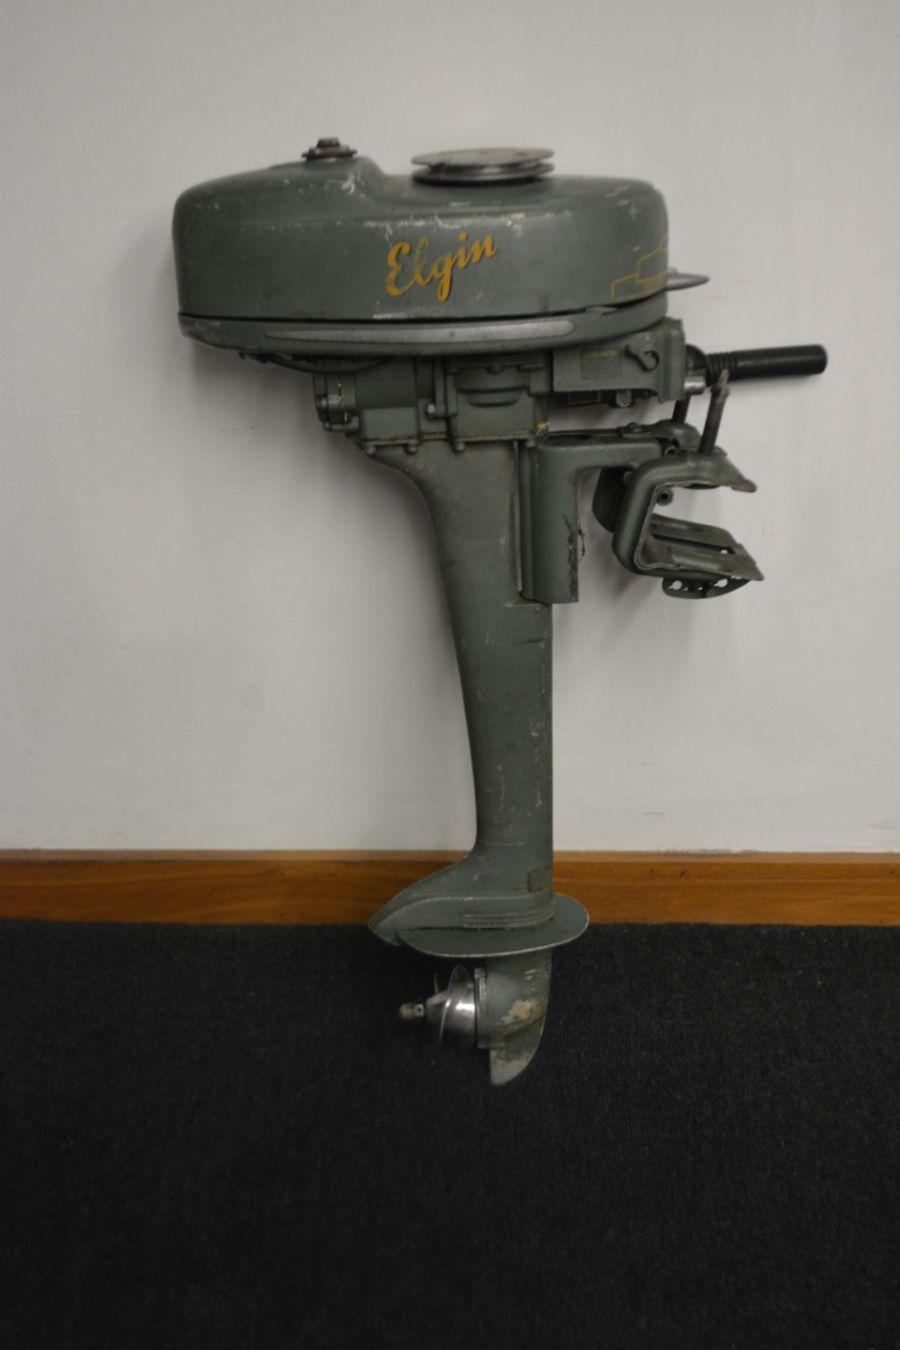 Elgin Boat Motor Vintage Basement Find